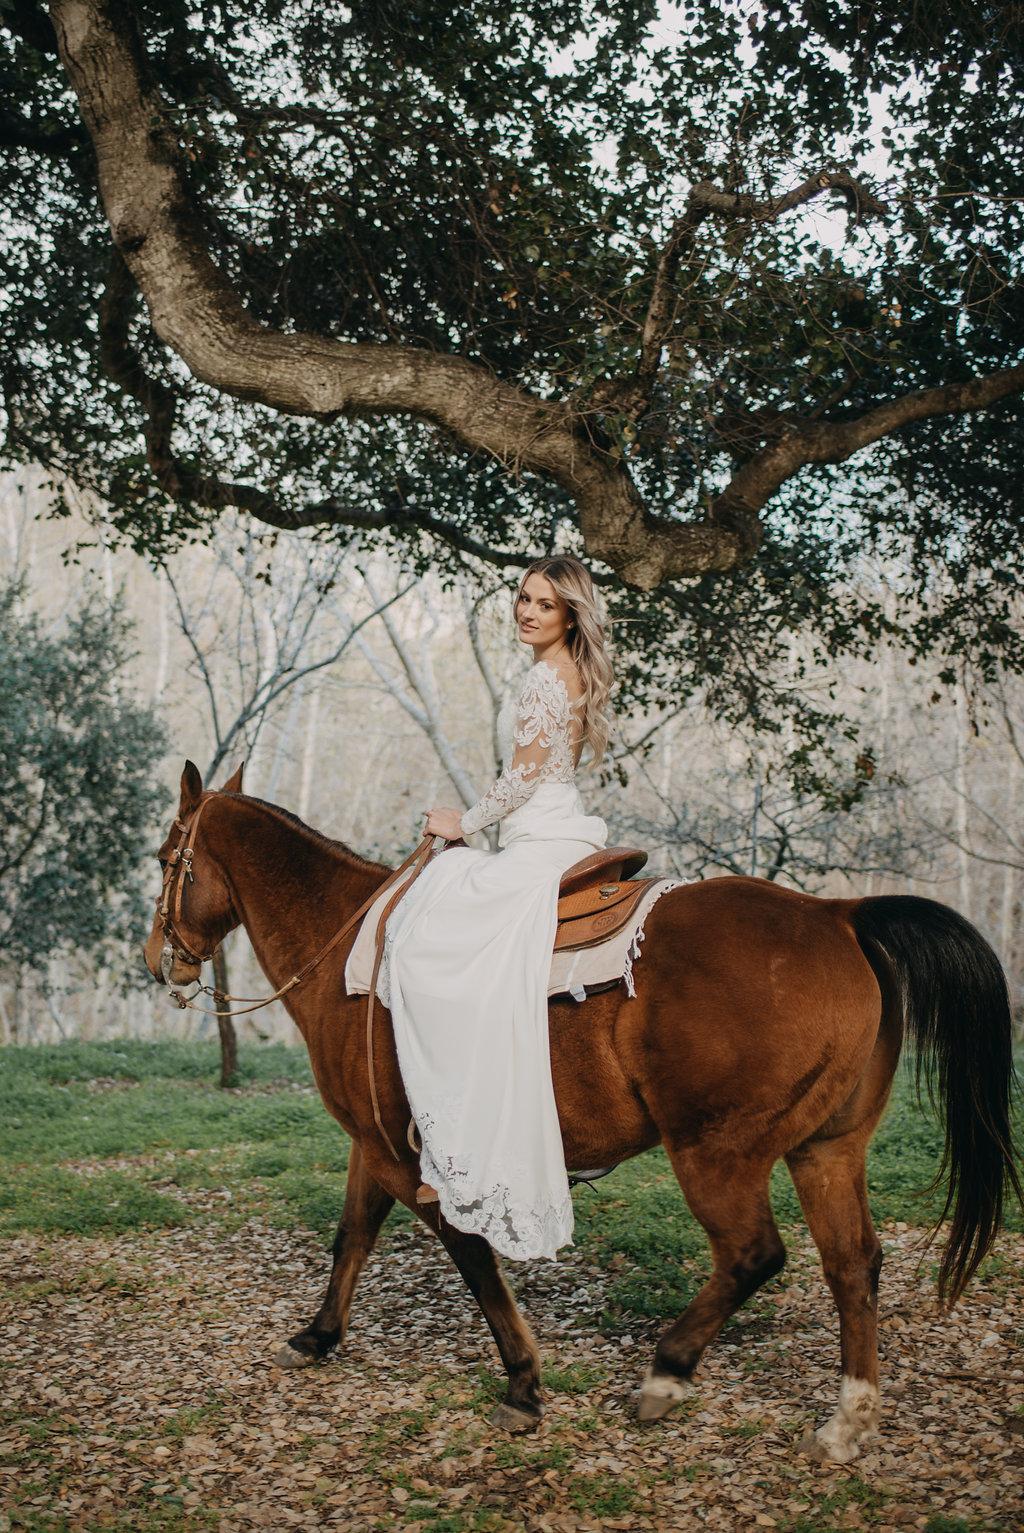 bridal photo idea boho wedding photo inspiration horseback riding